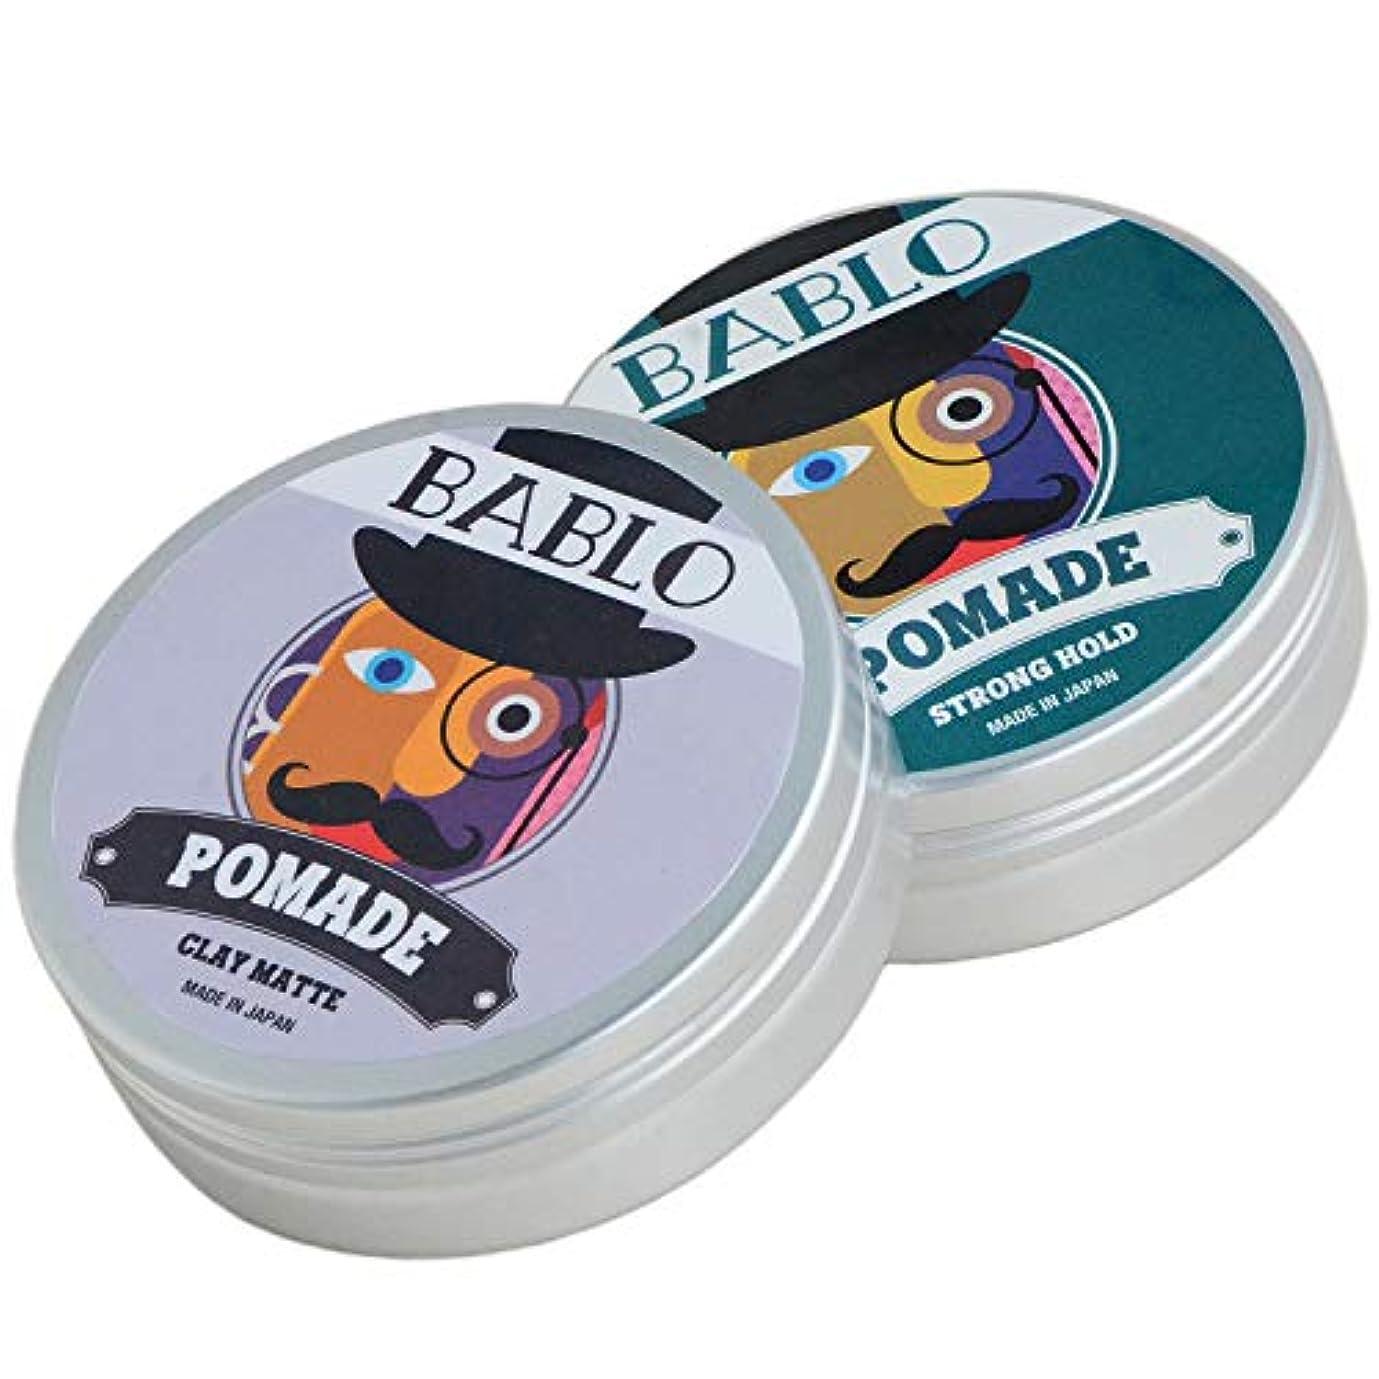 アジア少年因子バブロ ポマード クレイマット & ストロングホールド セット ヘアワックス メンズ 整髪料 水性 ヘアグリース